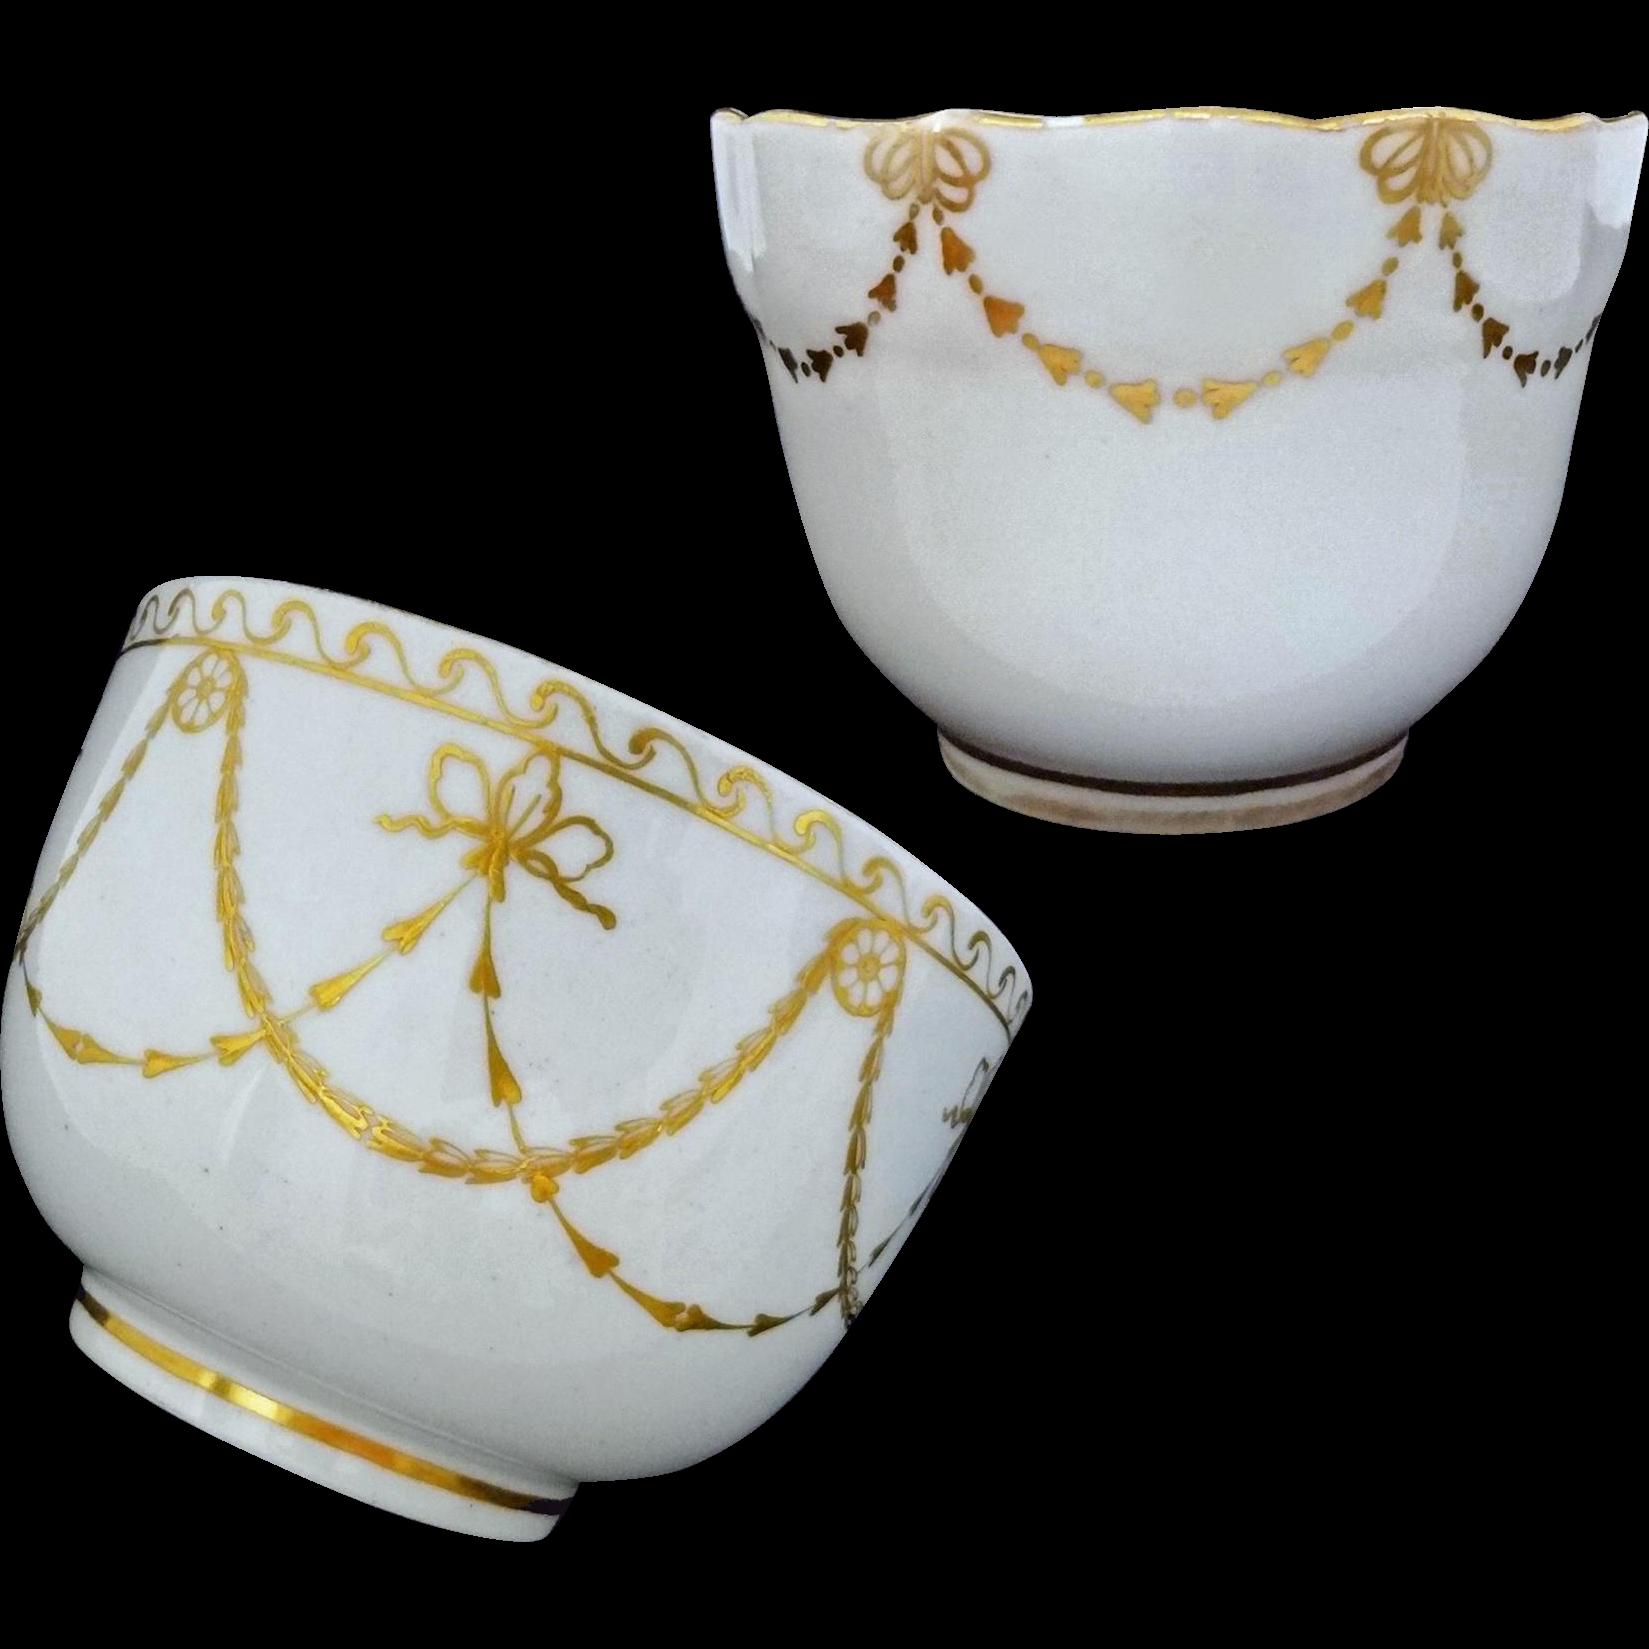 Pair Antique Crown Derby Bowls White Gilt Garlands - c.1775 - 1806, England